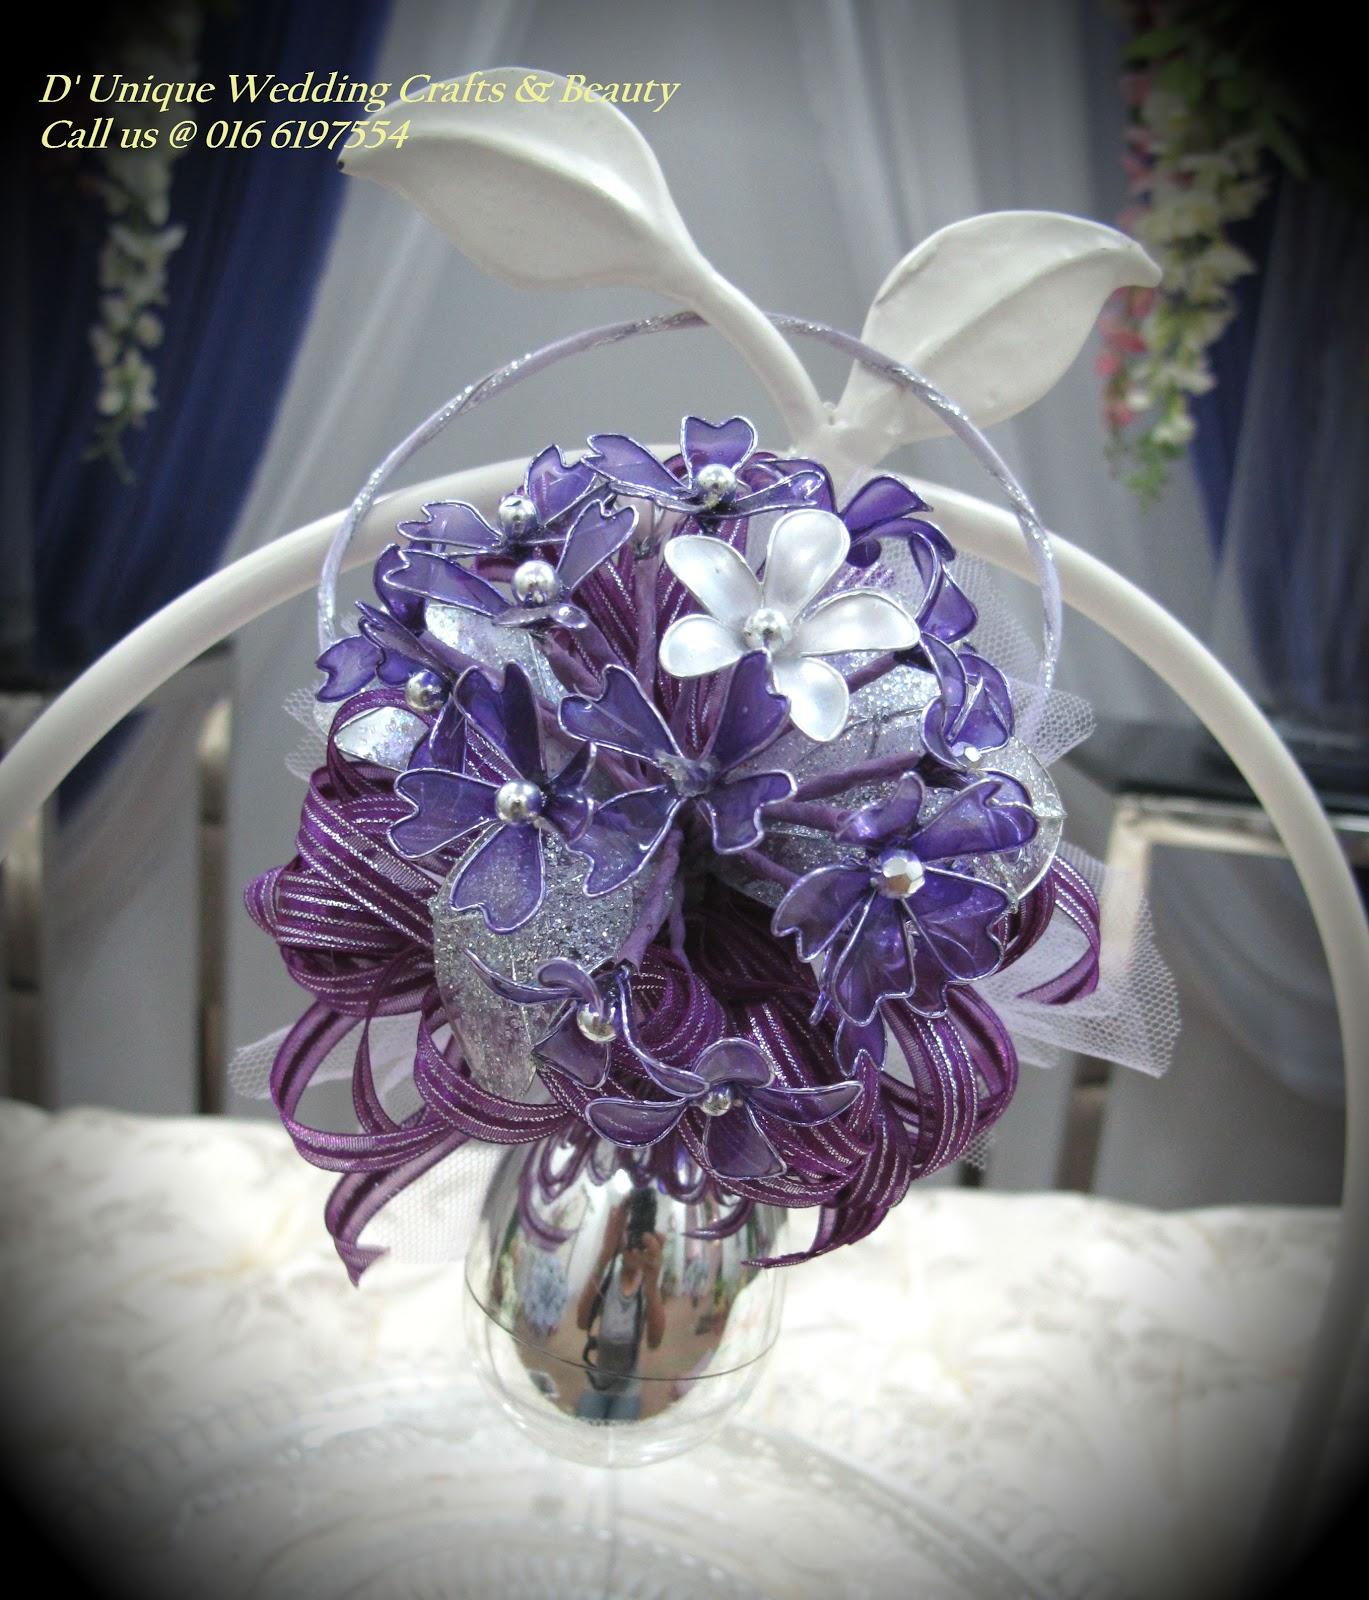 Unique Wedding Crafts & Beauty: DOOR GIFTS DUNIQUE